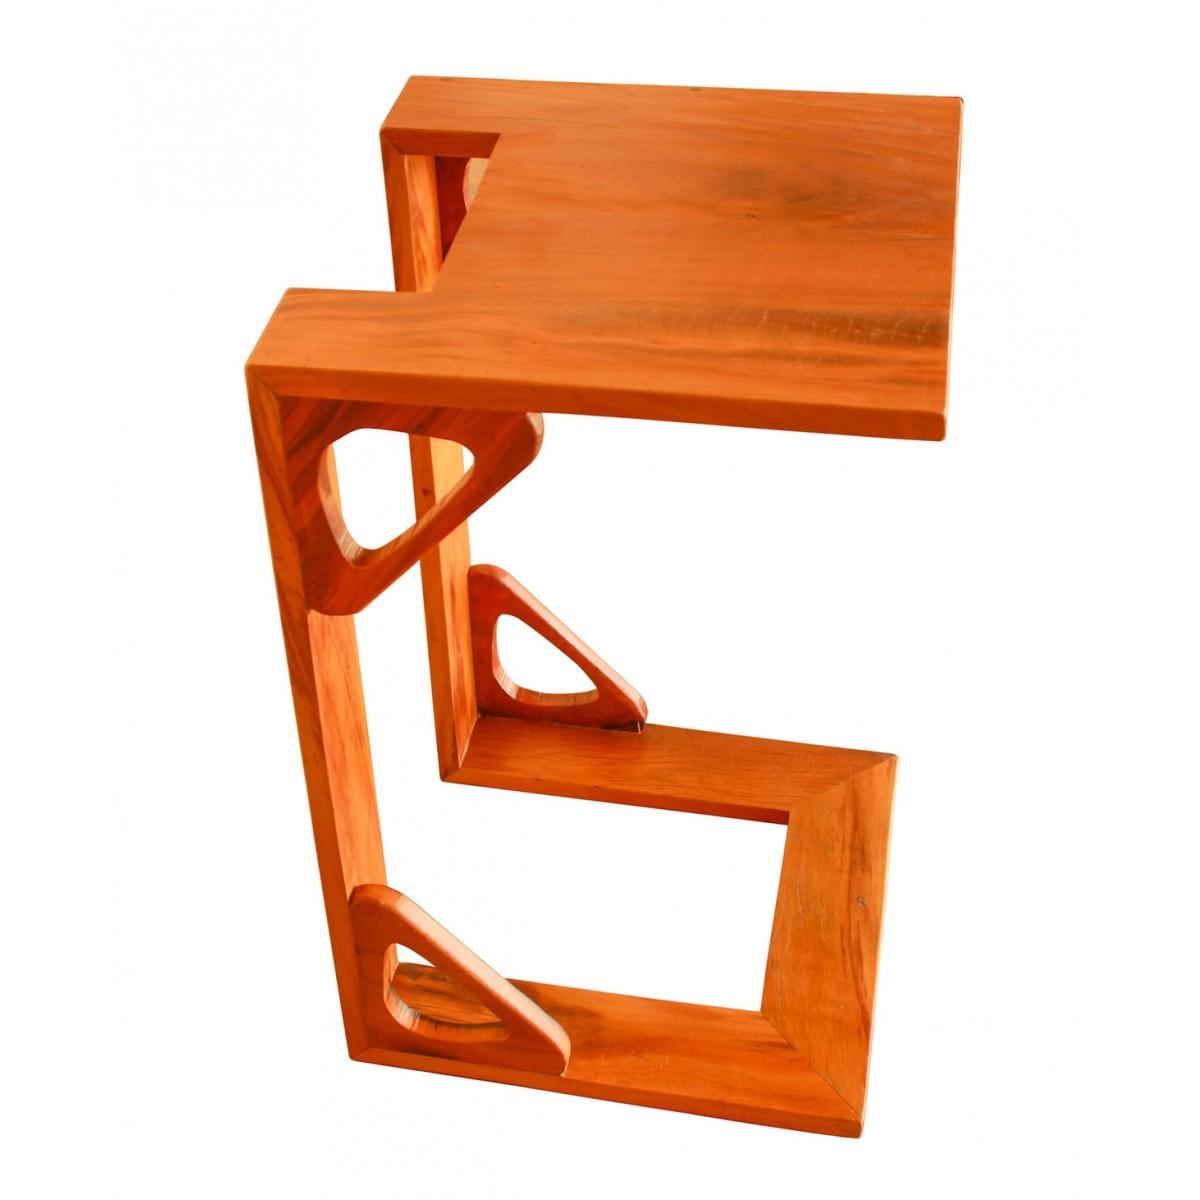 Mesa lateral moderna medindo 0,40 x 0,60 Em Madeira De Demolição